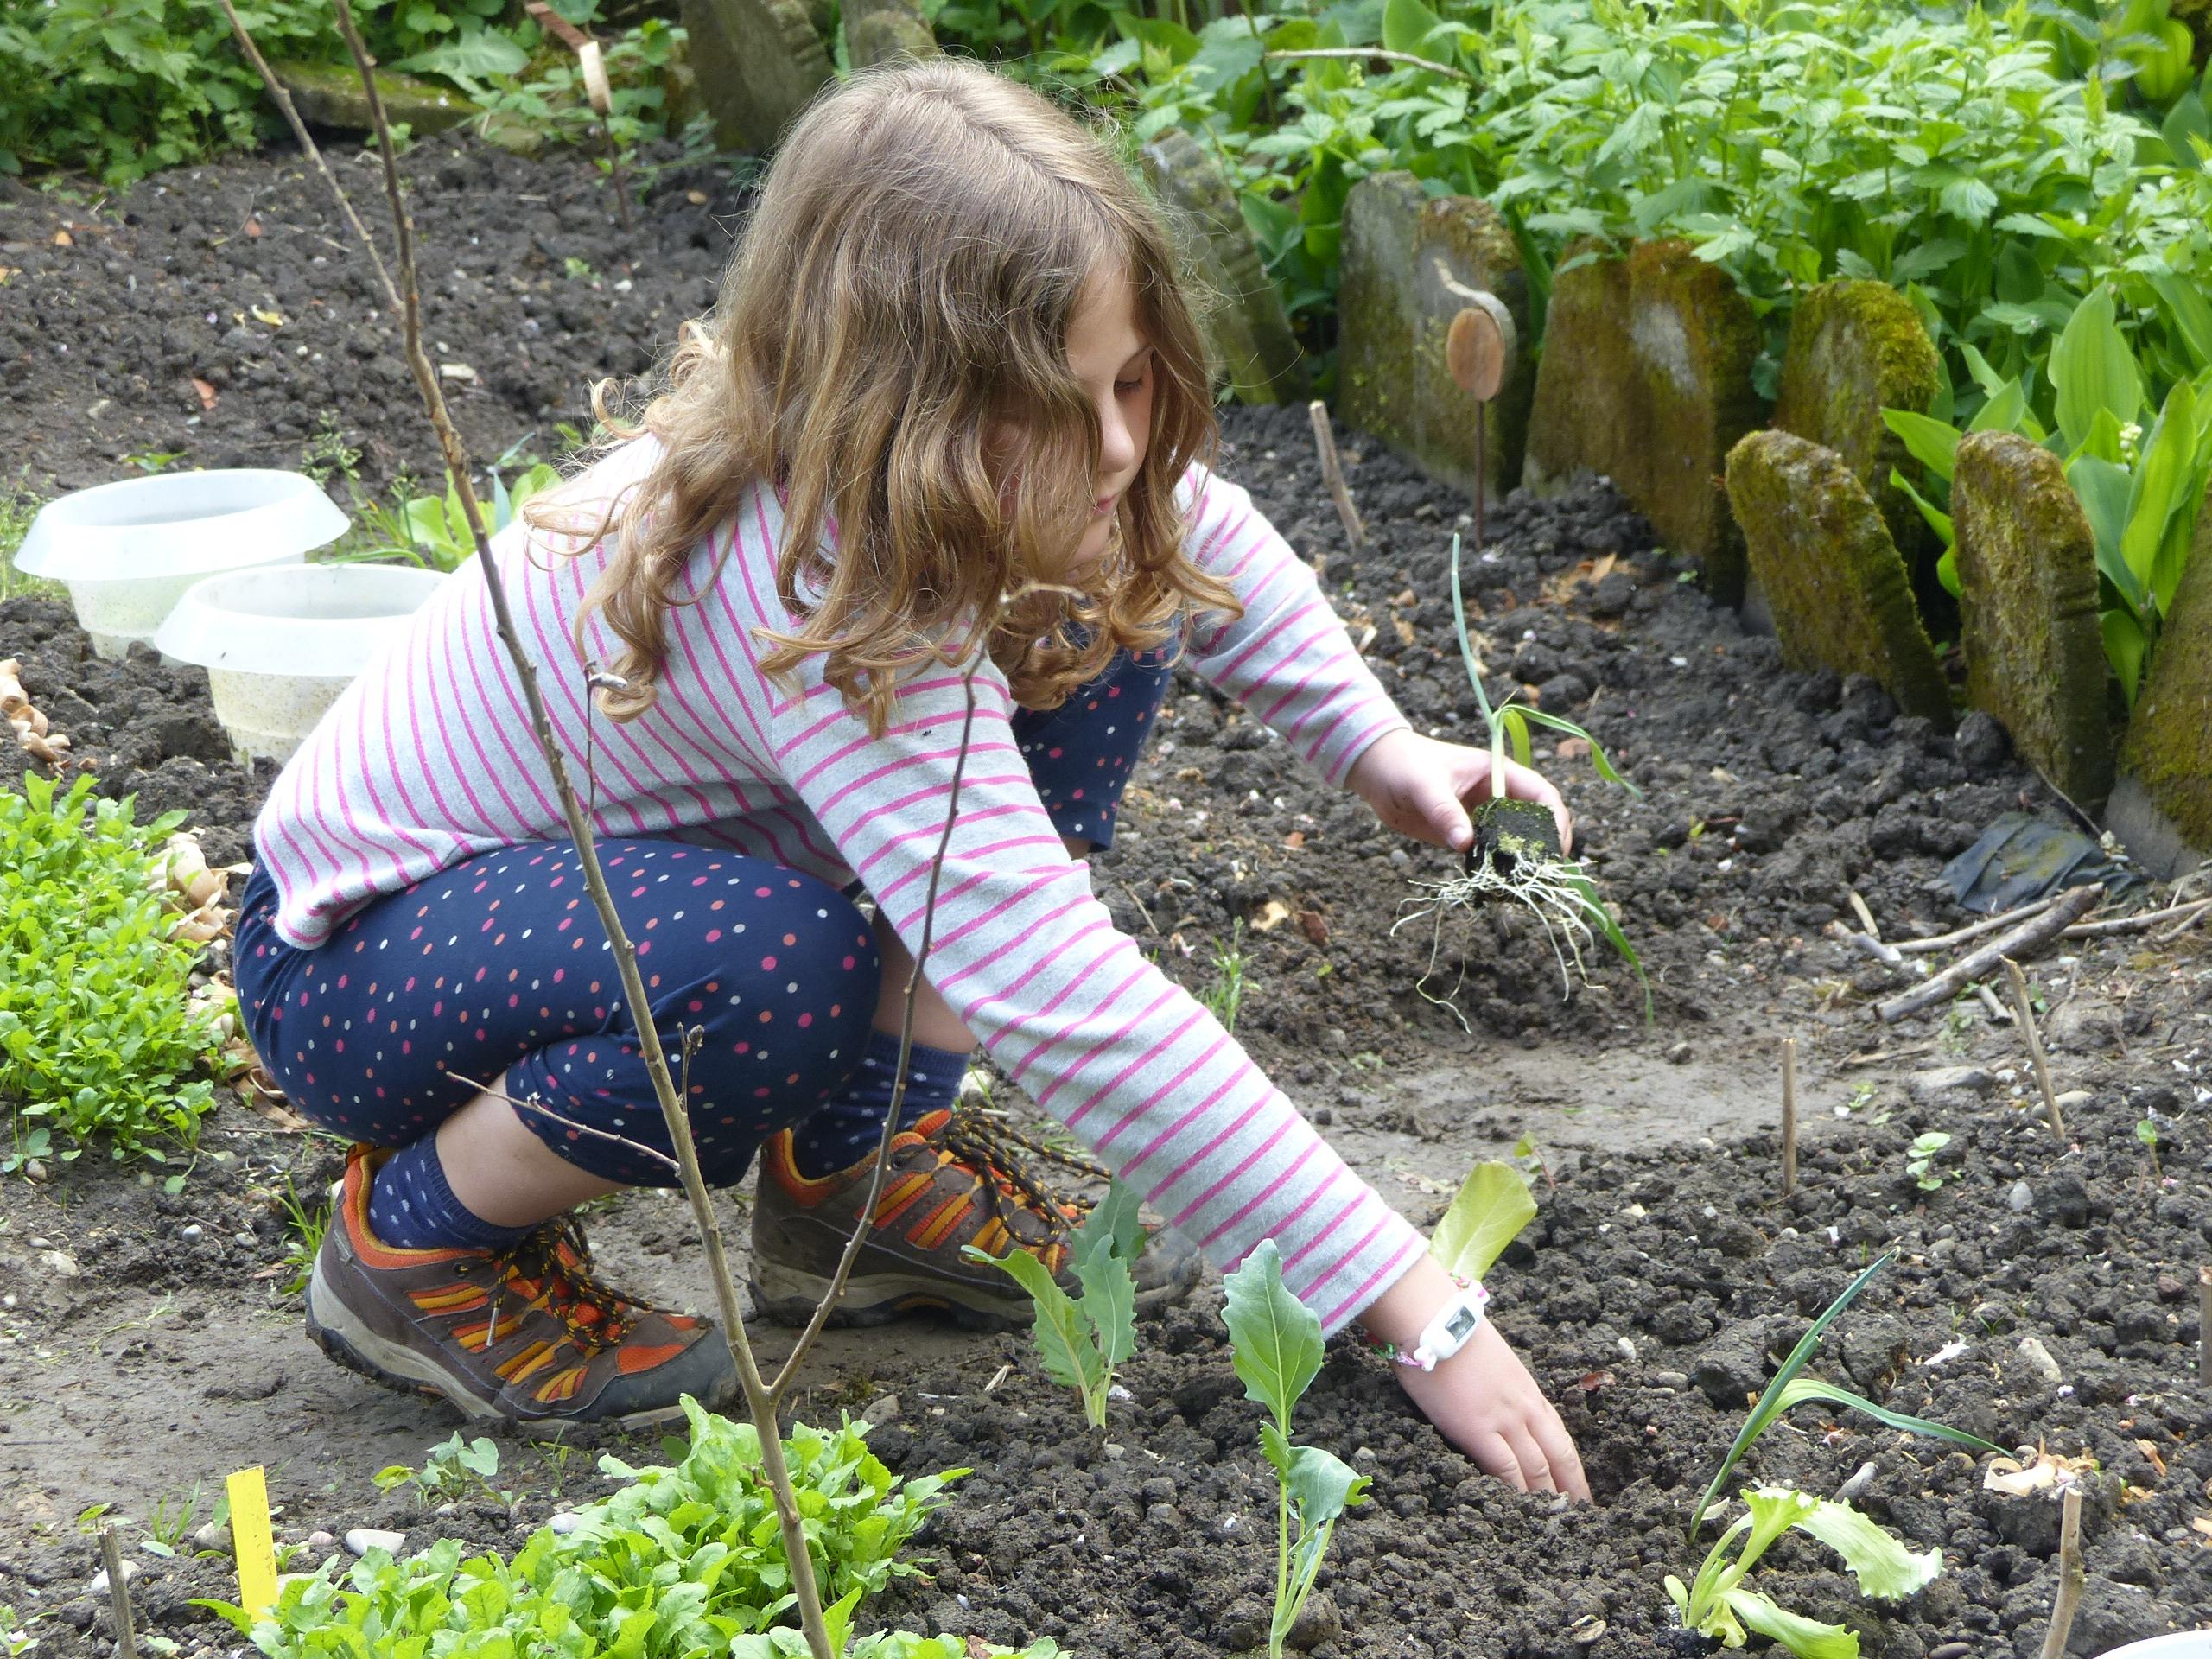 Kinder bringen eine spezielle Energie mit, wenn sie Samen oder kleine Pflanzen setzen